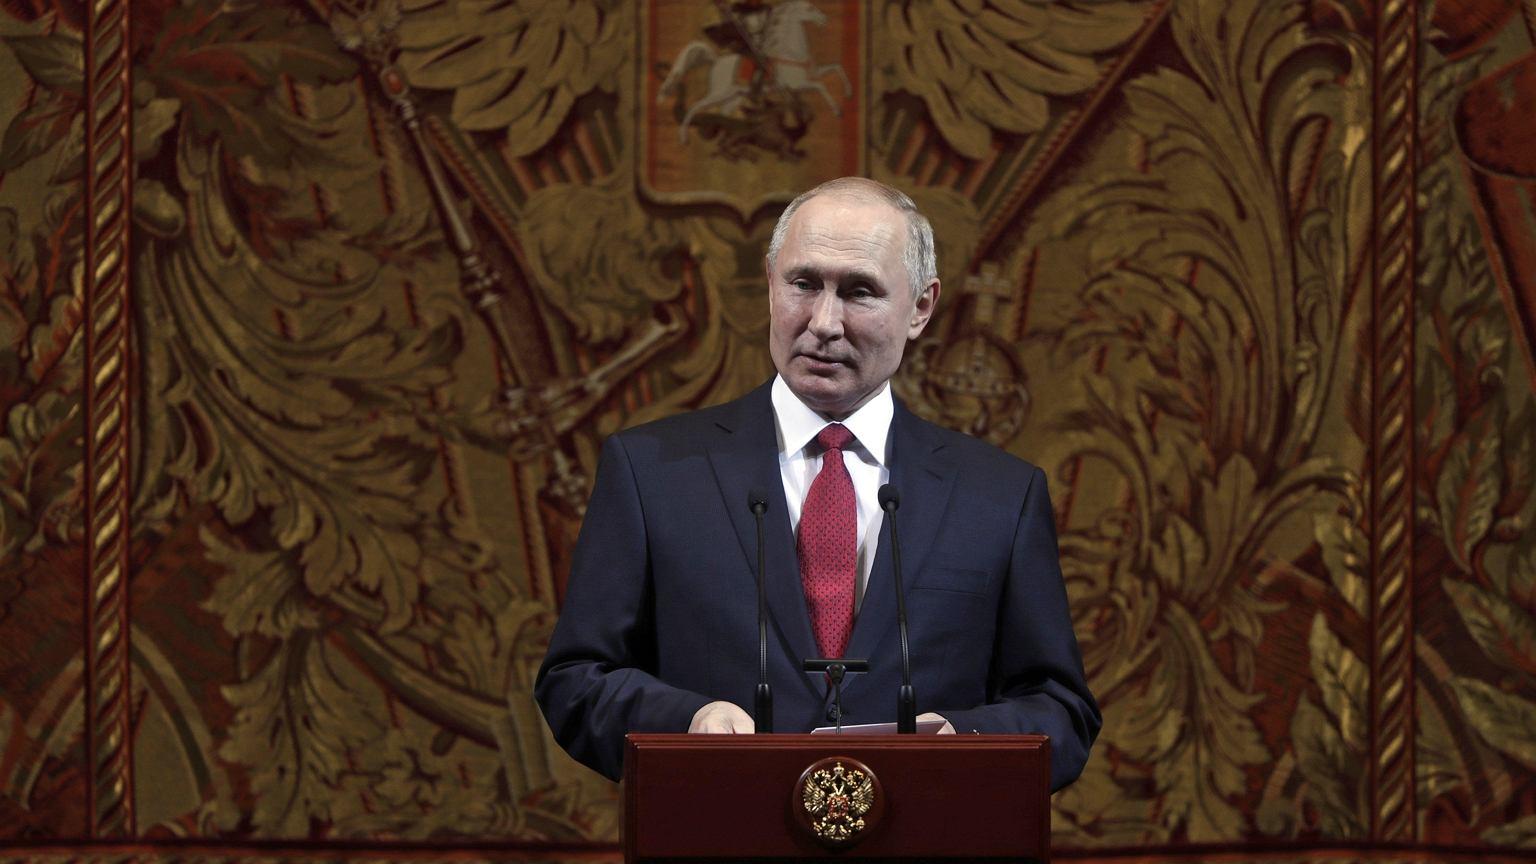 Władimir Putin nie odpuści Polsce? Wiceminister PiS: To dopiero początek batalii o politykę historyczną